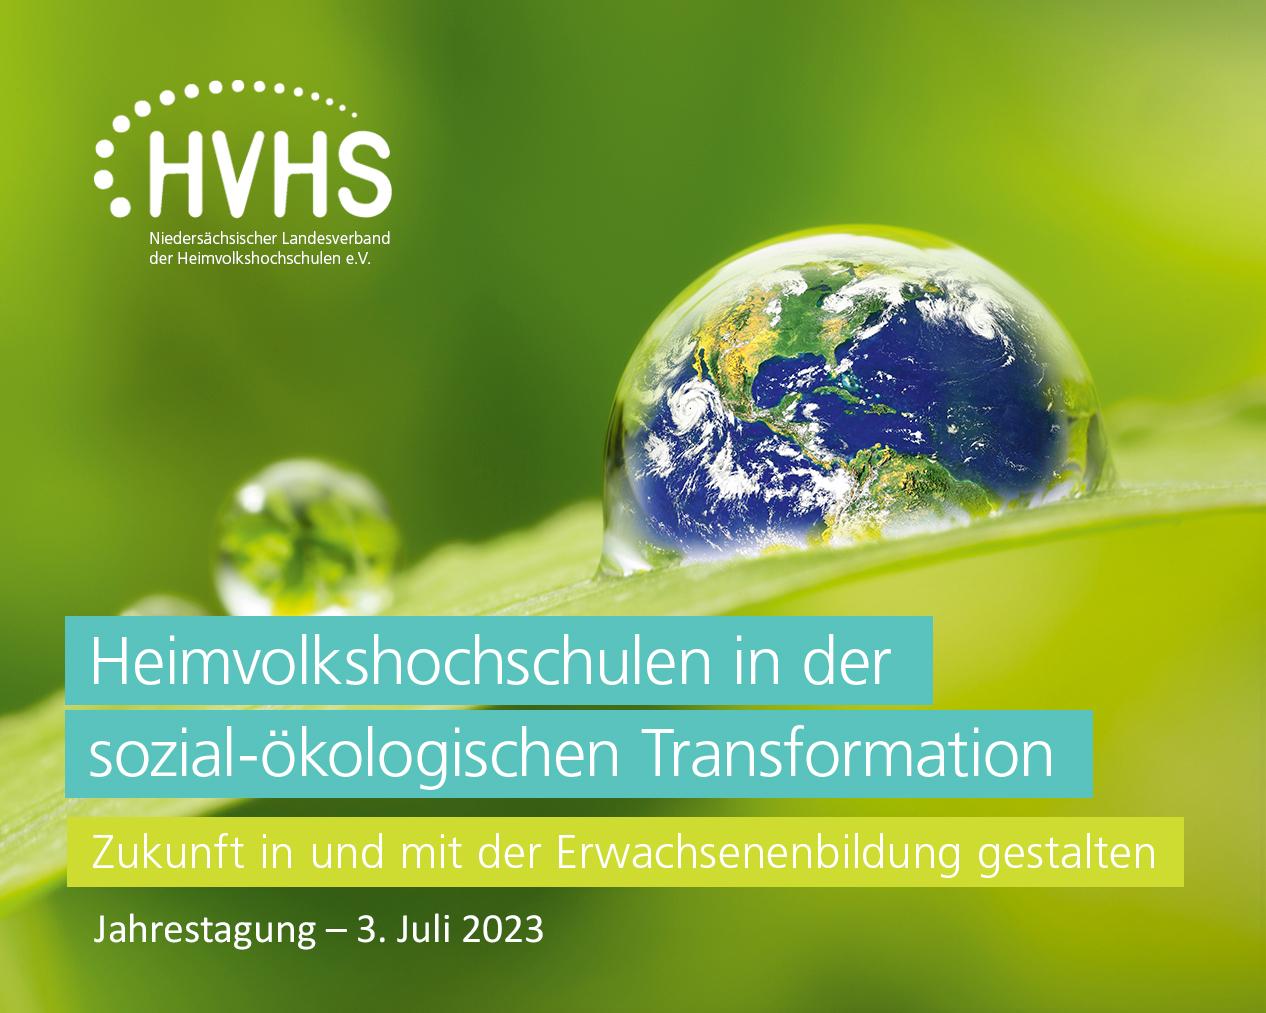 HVHS Bildungsurlaub 2017 Niedersachsen